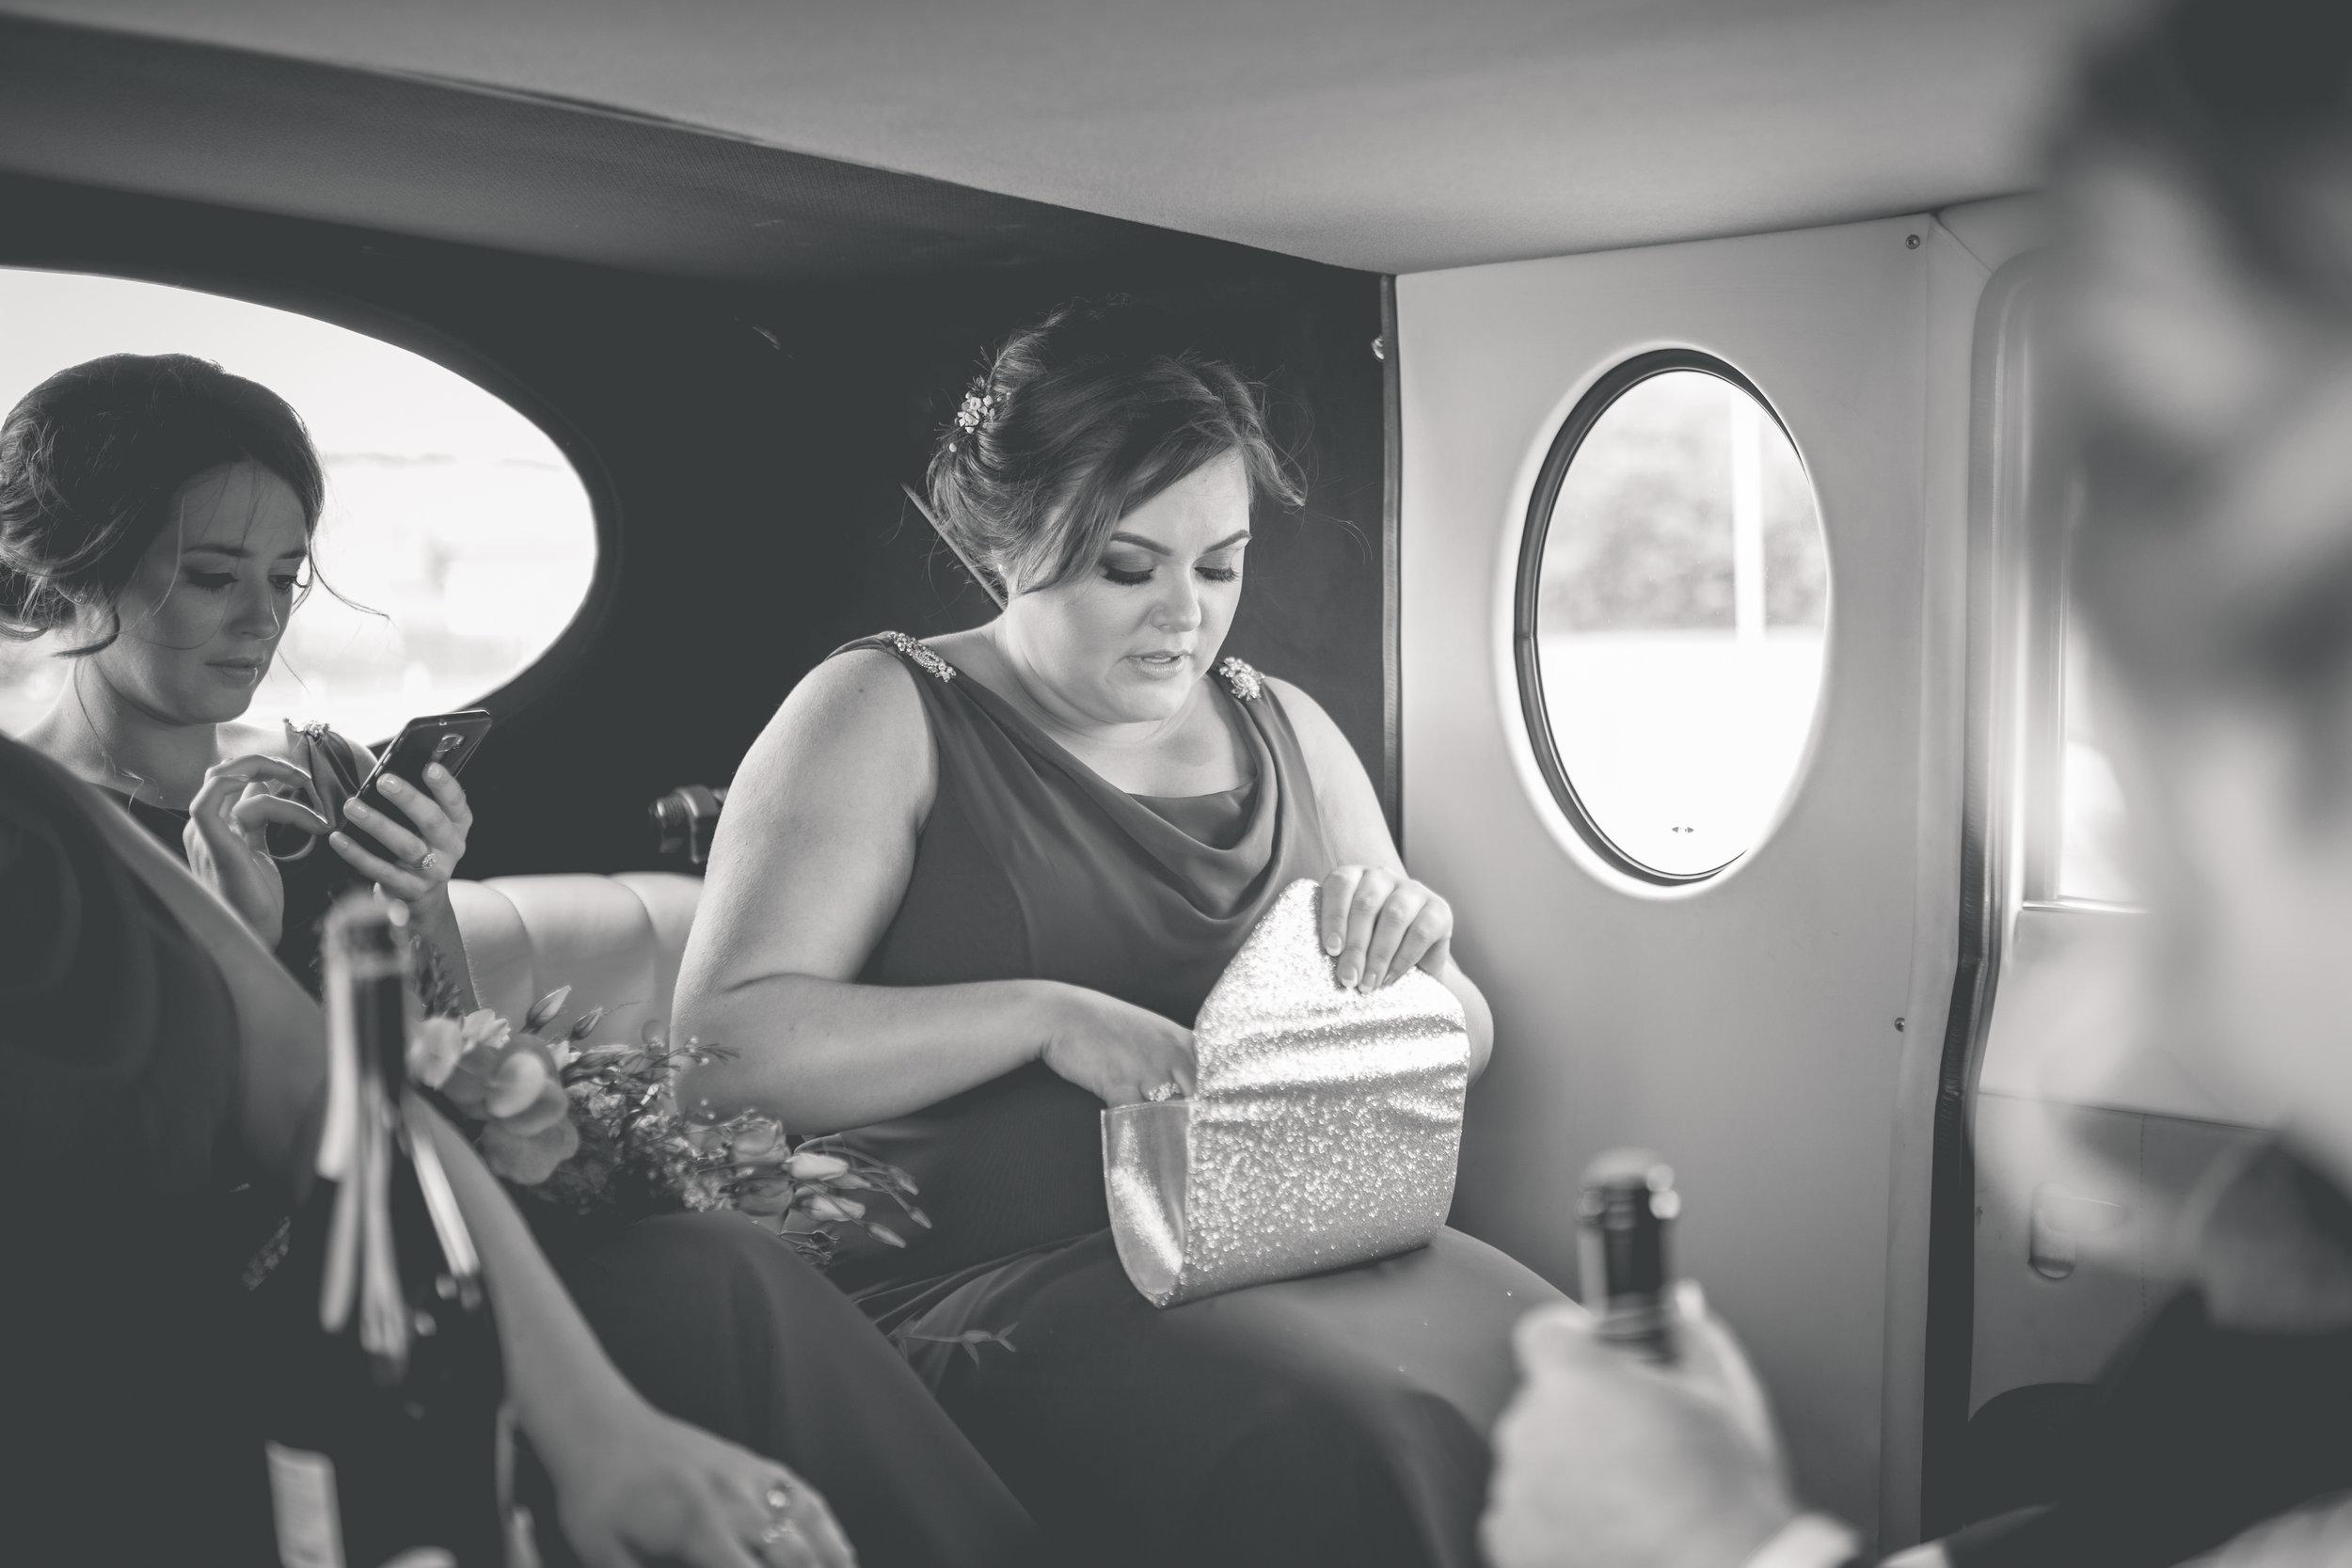 Brian McEwan Wedding Photography   Carol-Anne & Sean   The Ceremony-169.jpg